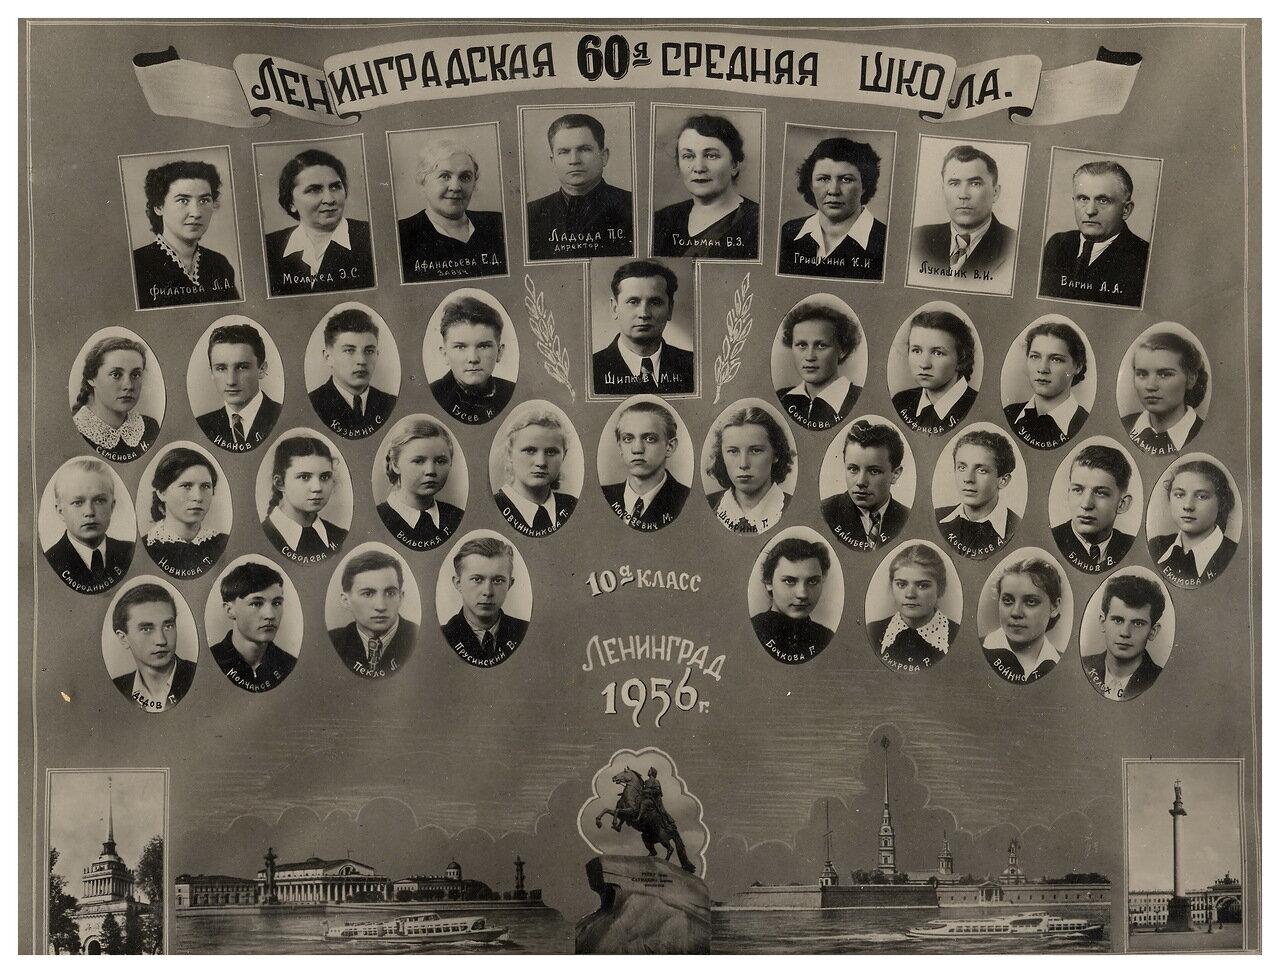 1956. Ленинградская средняя школа № 60